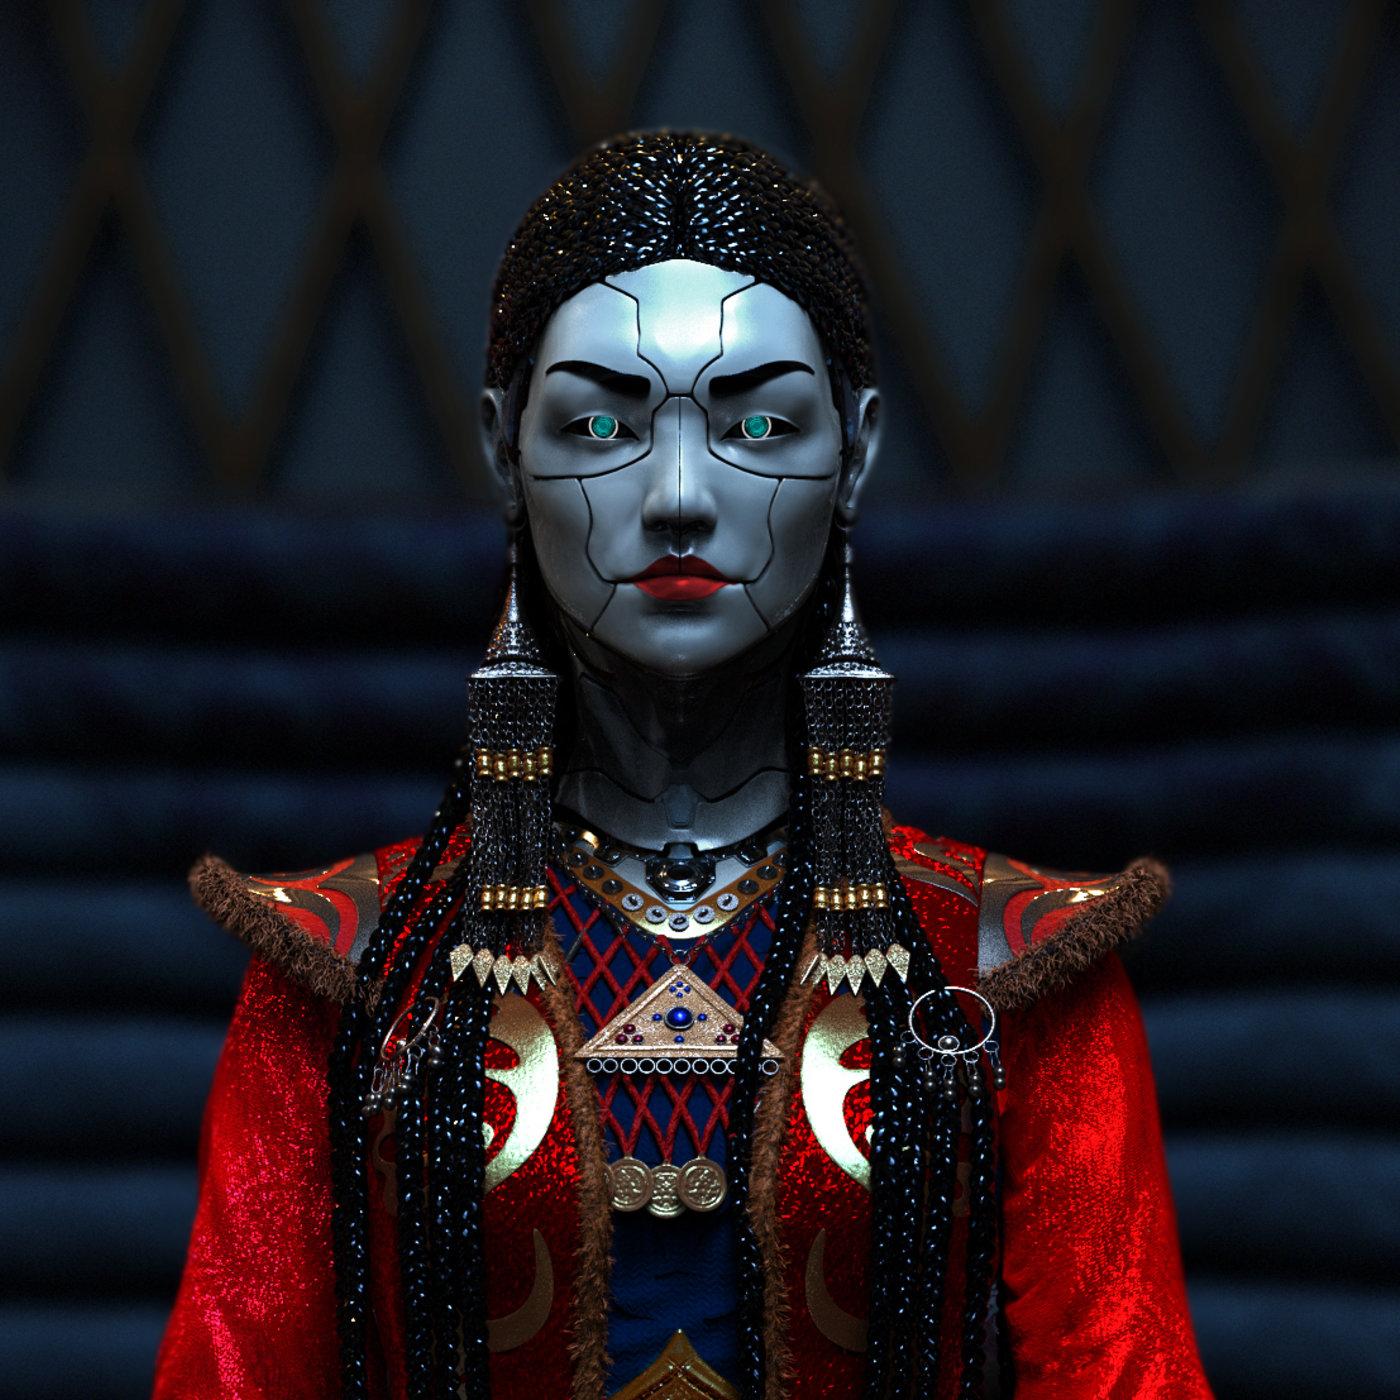 ''Kyrgyz Robo-Girl''